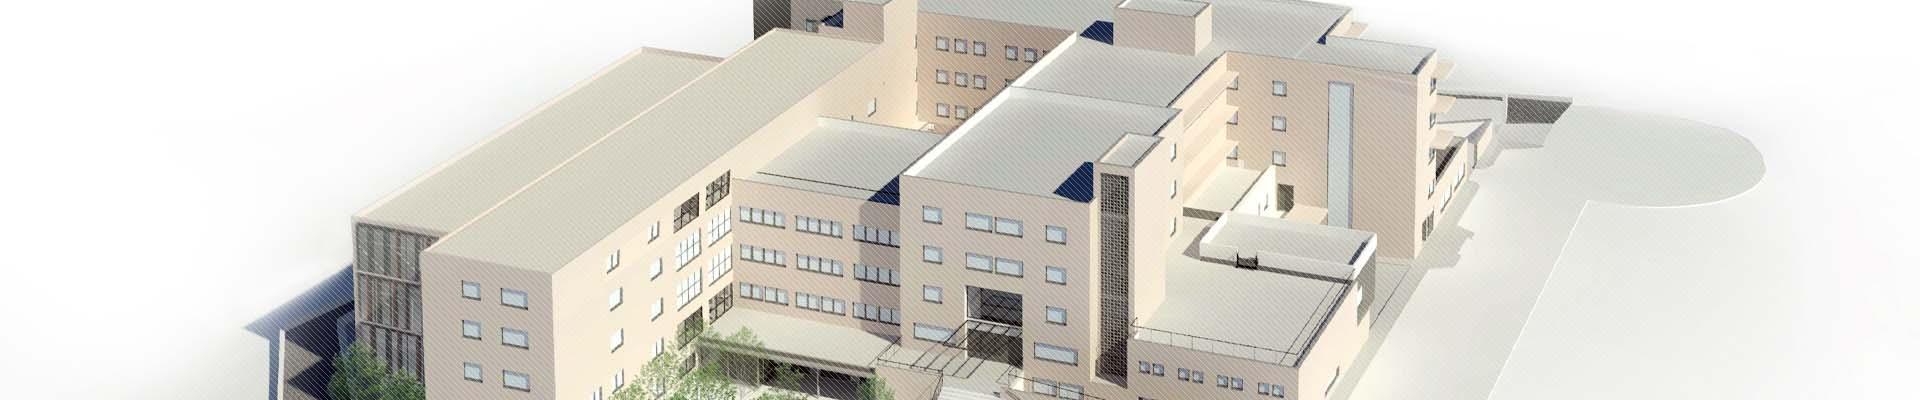 Projecte d'ampliacio i remodelació FHSJDM